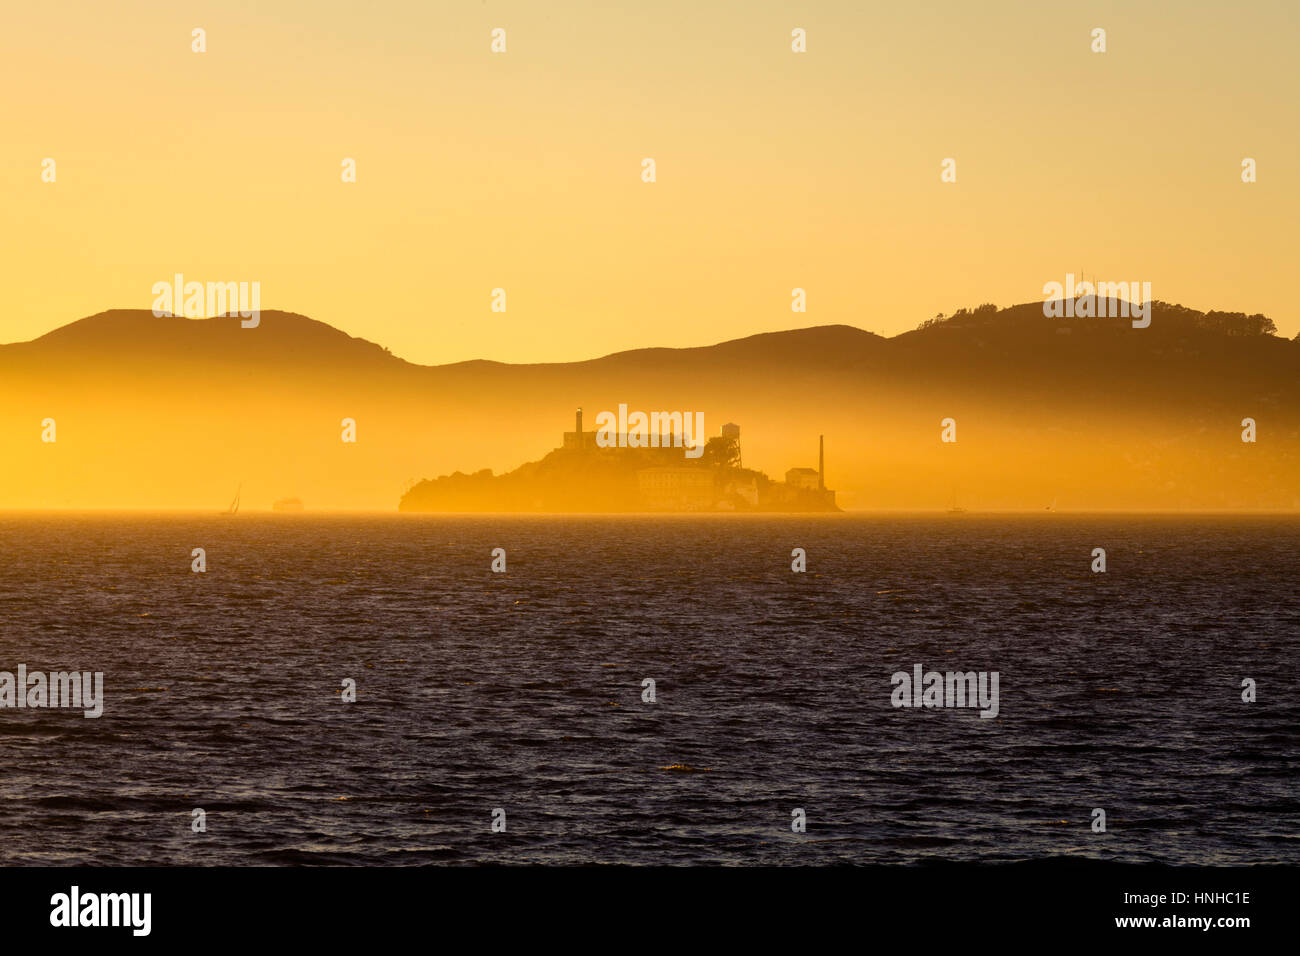 Schöne Aussicht auf die berühmte Insel Alcatraz beleuchtet im majestätischen goldenen Abendlicht Stockbild